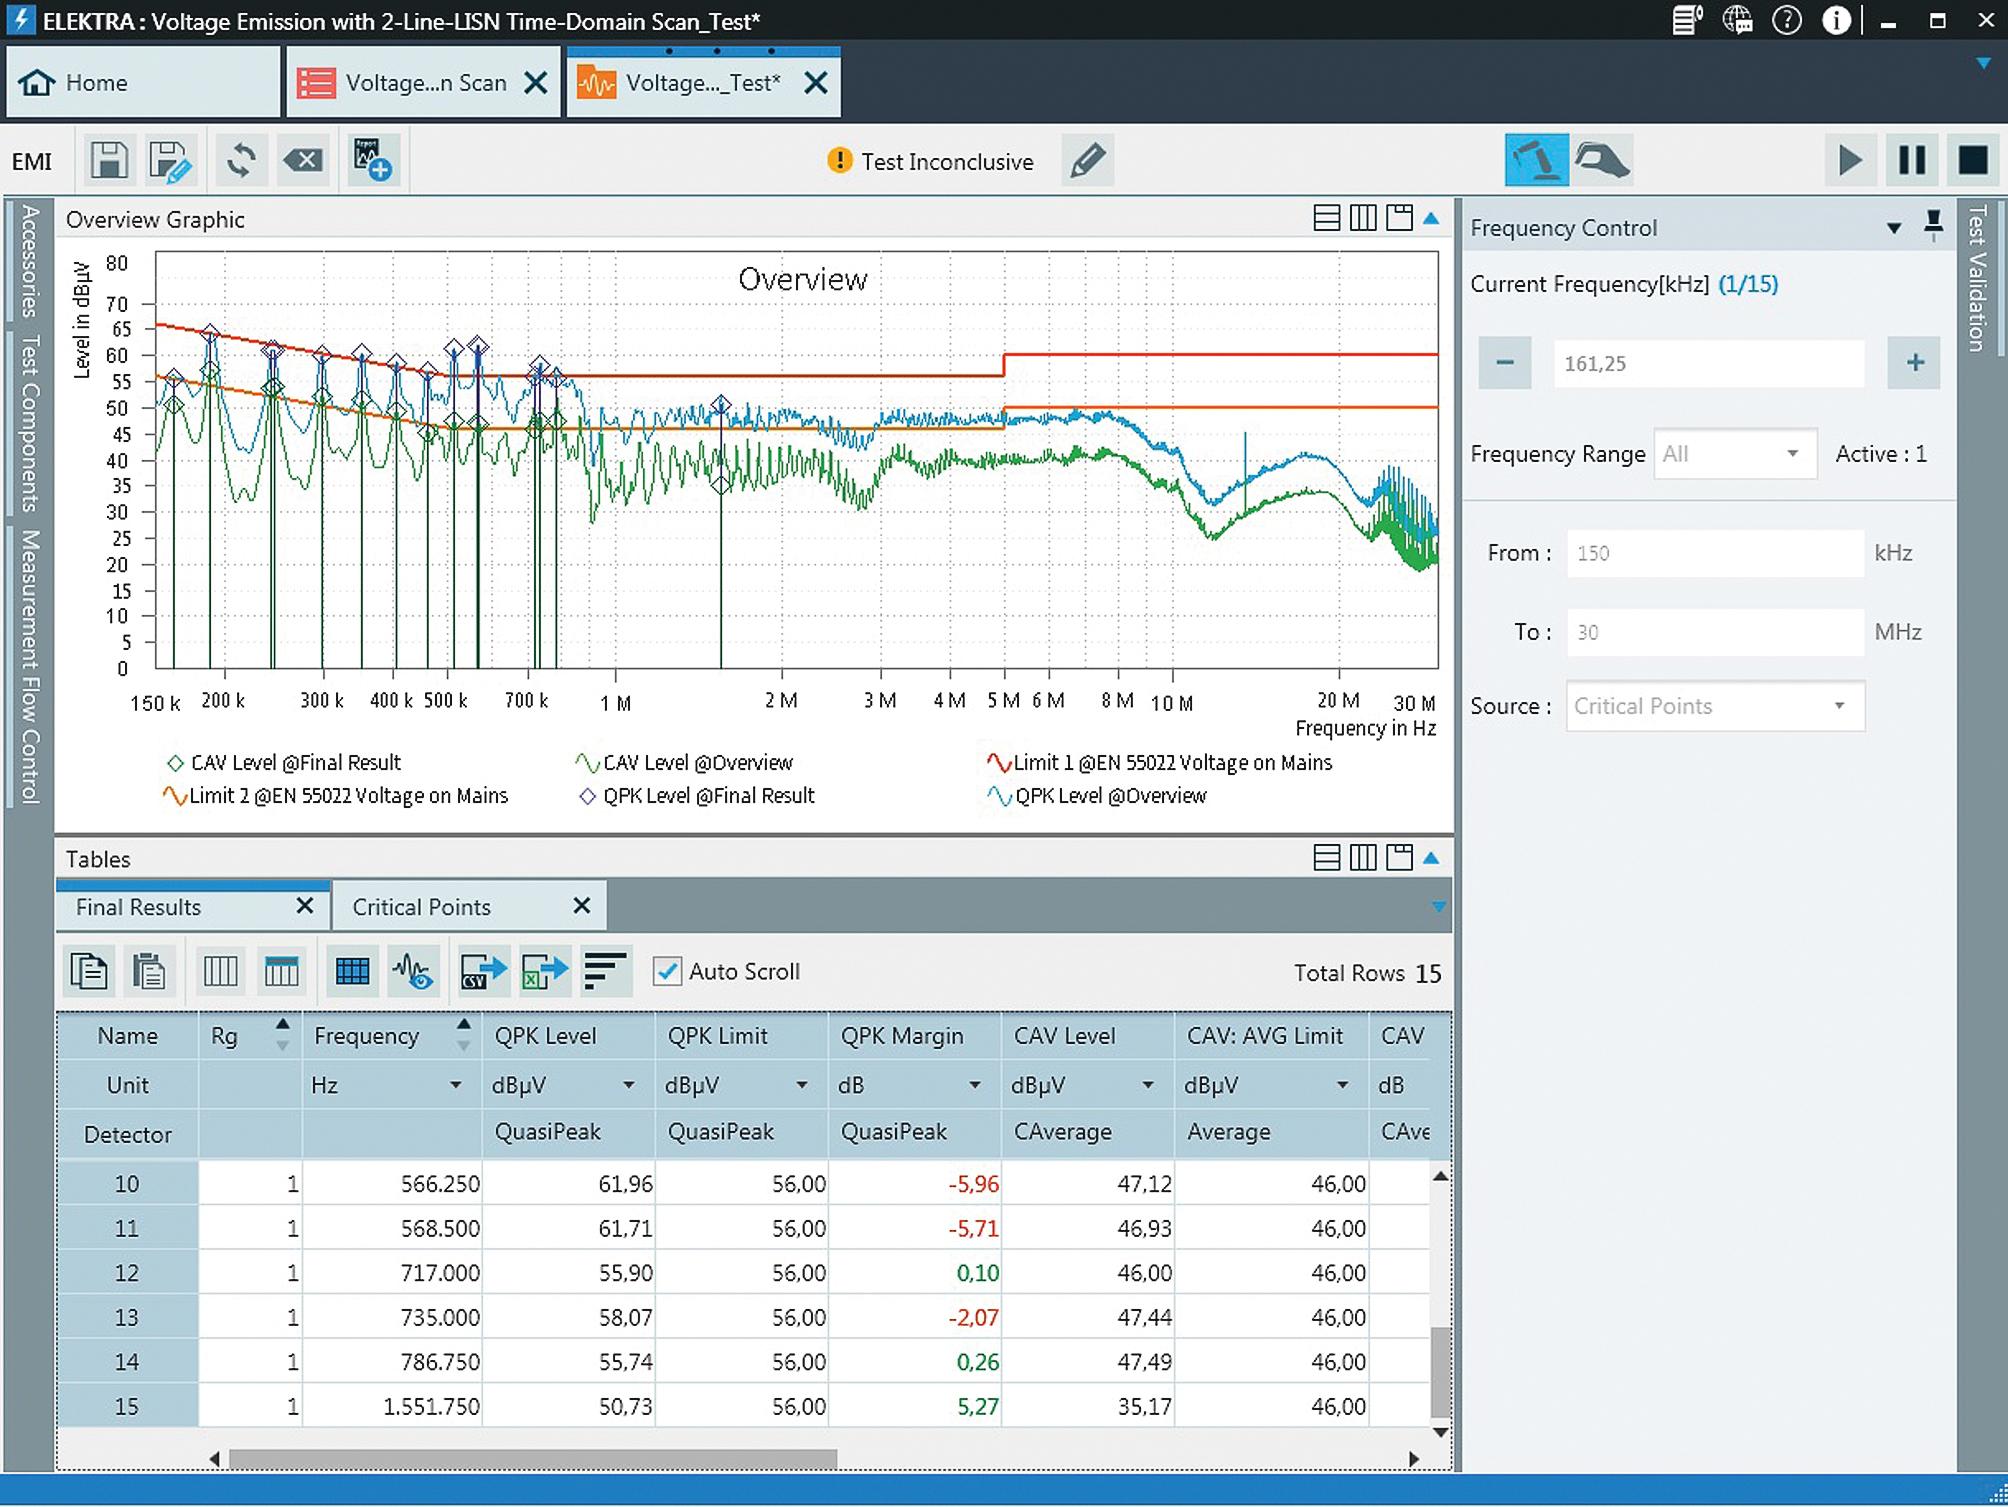 Результаты измерений электромагнитных помех и сравнение с нормами заданных стандартов по ЭМС с помощью СПО R&S ELEKTRA